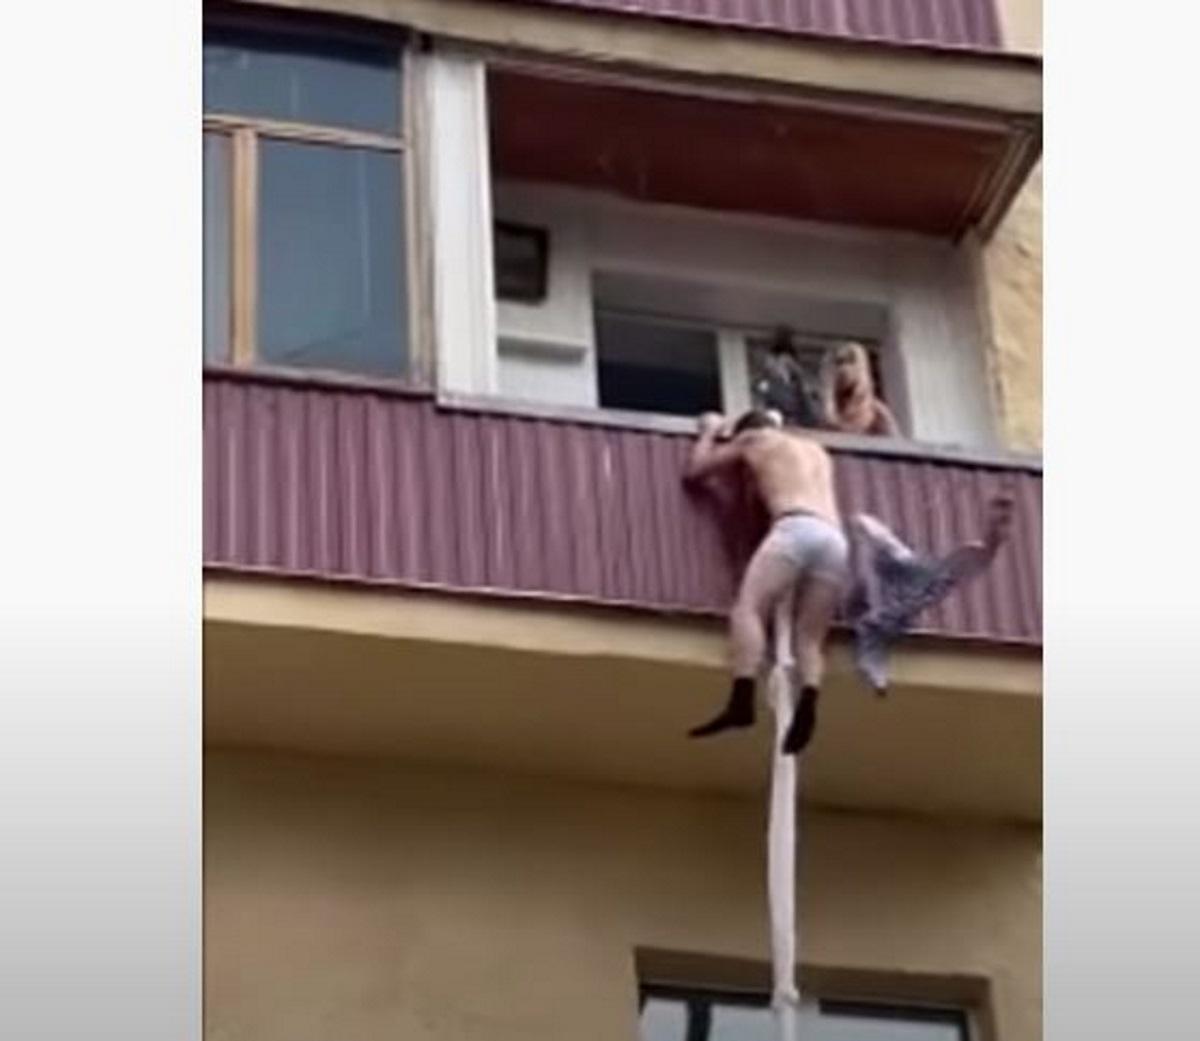 Εραστής «νίντζα»: Κατεβαίνει από το μπαλκόνι για να γλιτώσει από τον απατημένο σύζυγο